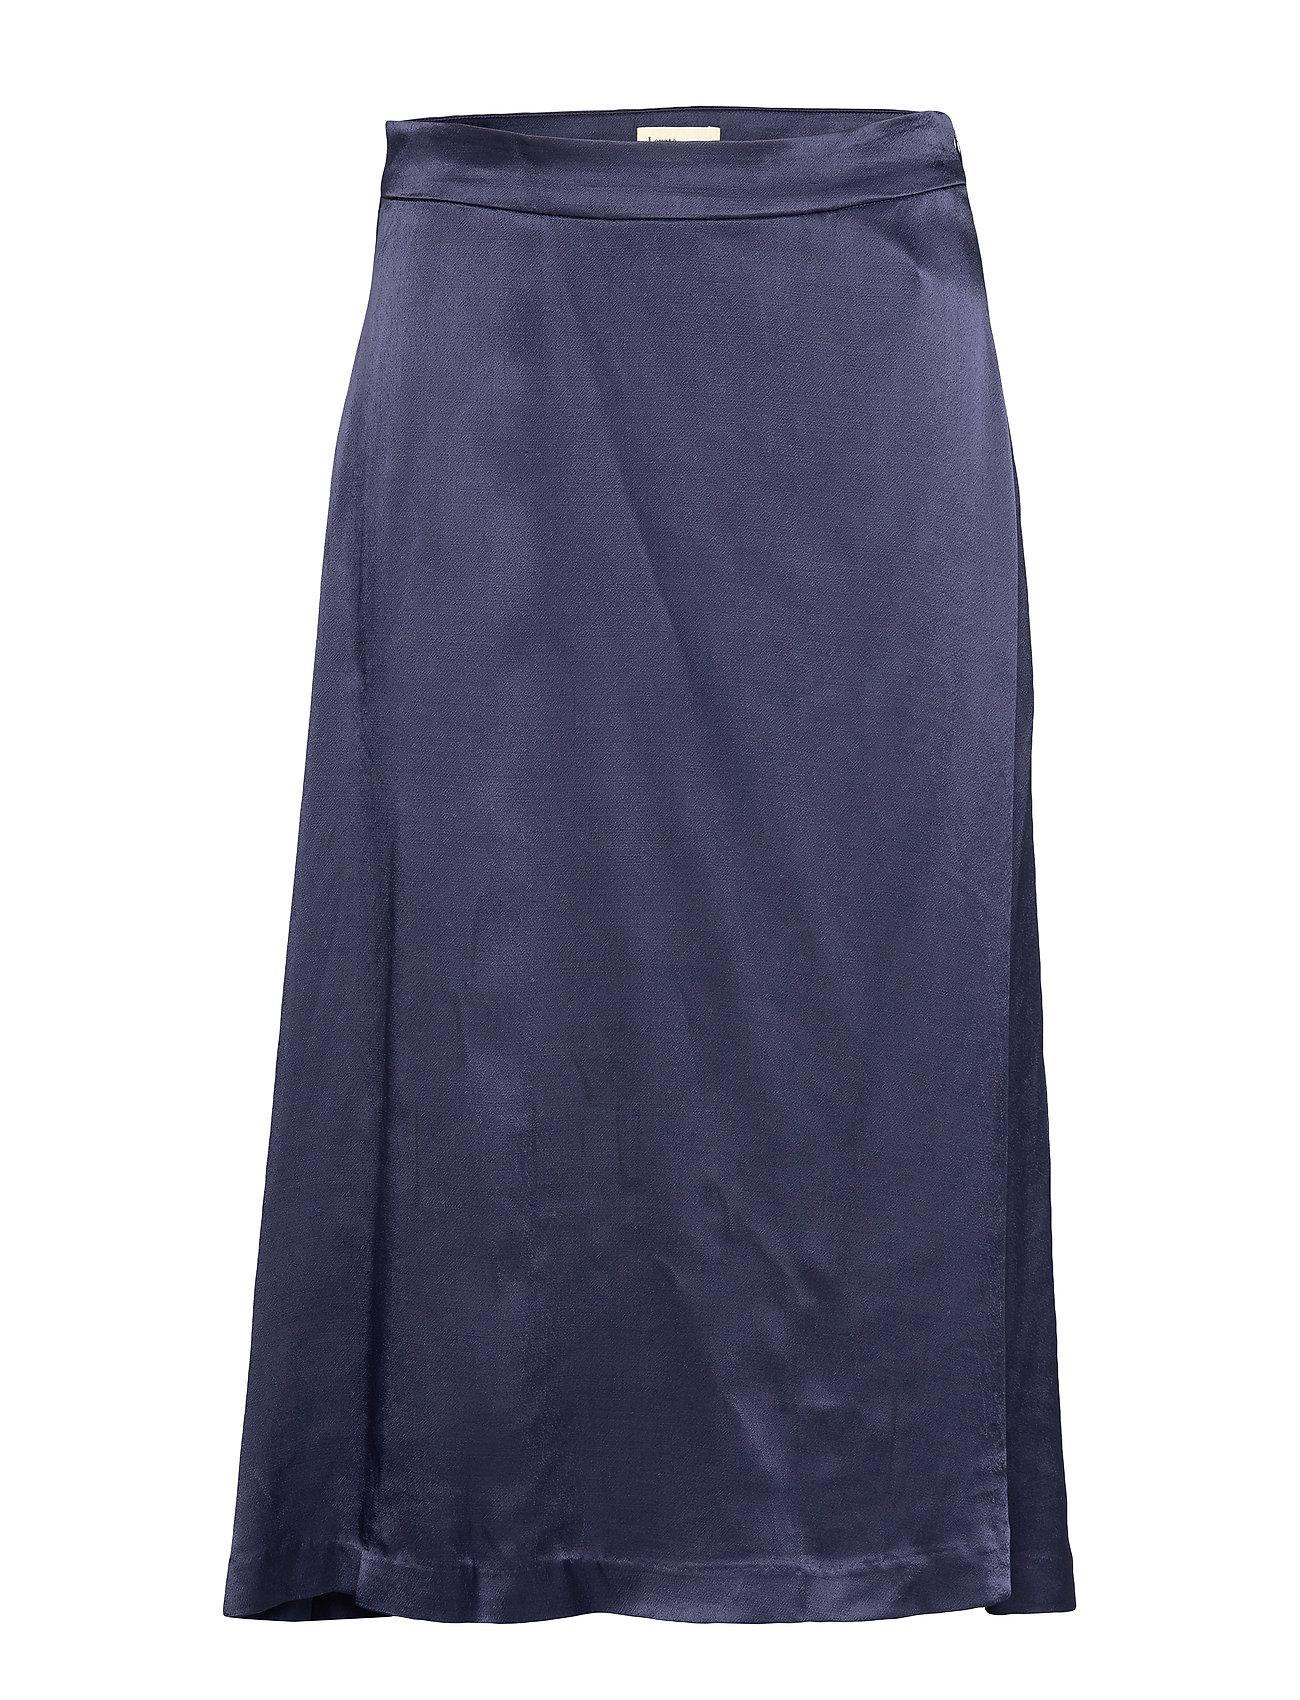 Levete Room LR-FLORENCE - L210 - DRESS BLUES